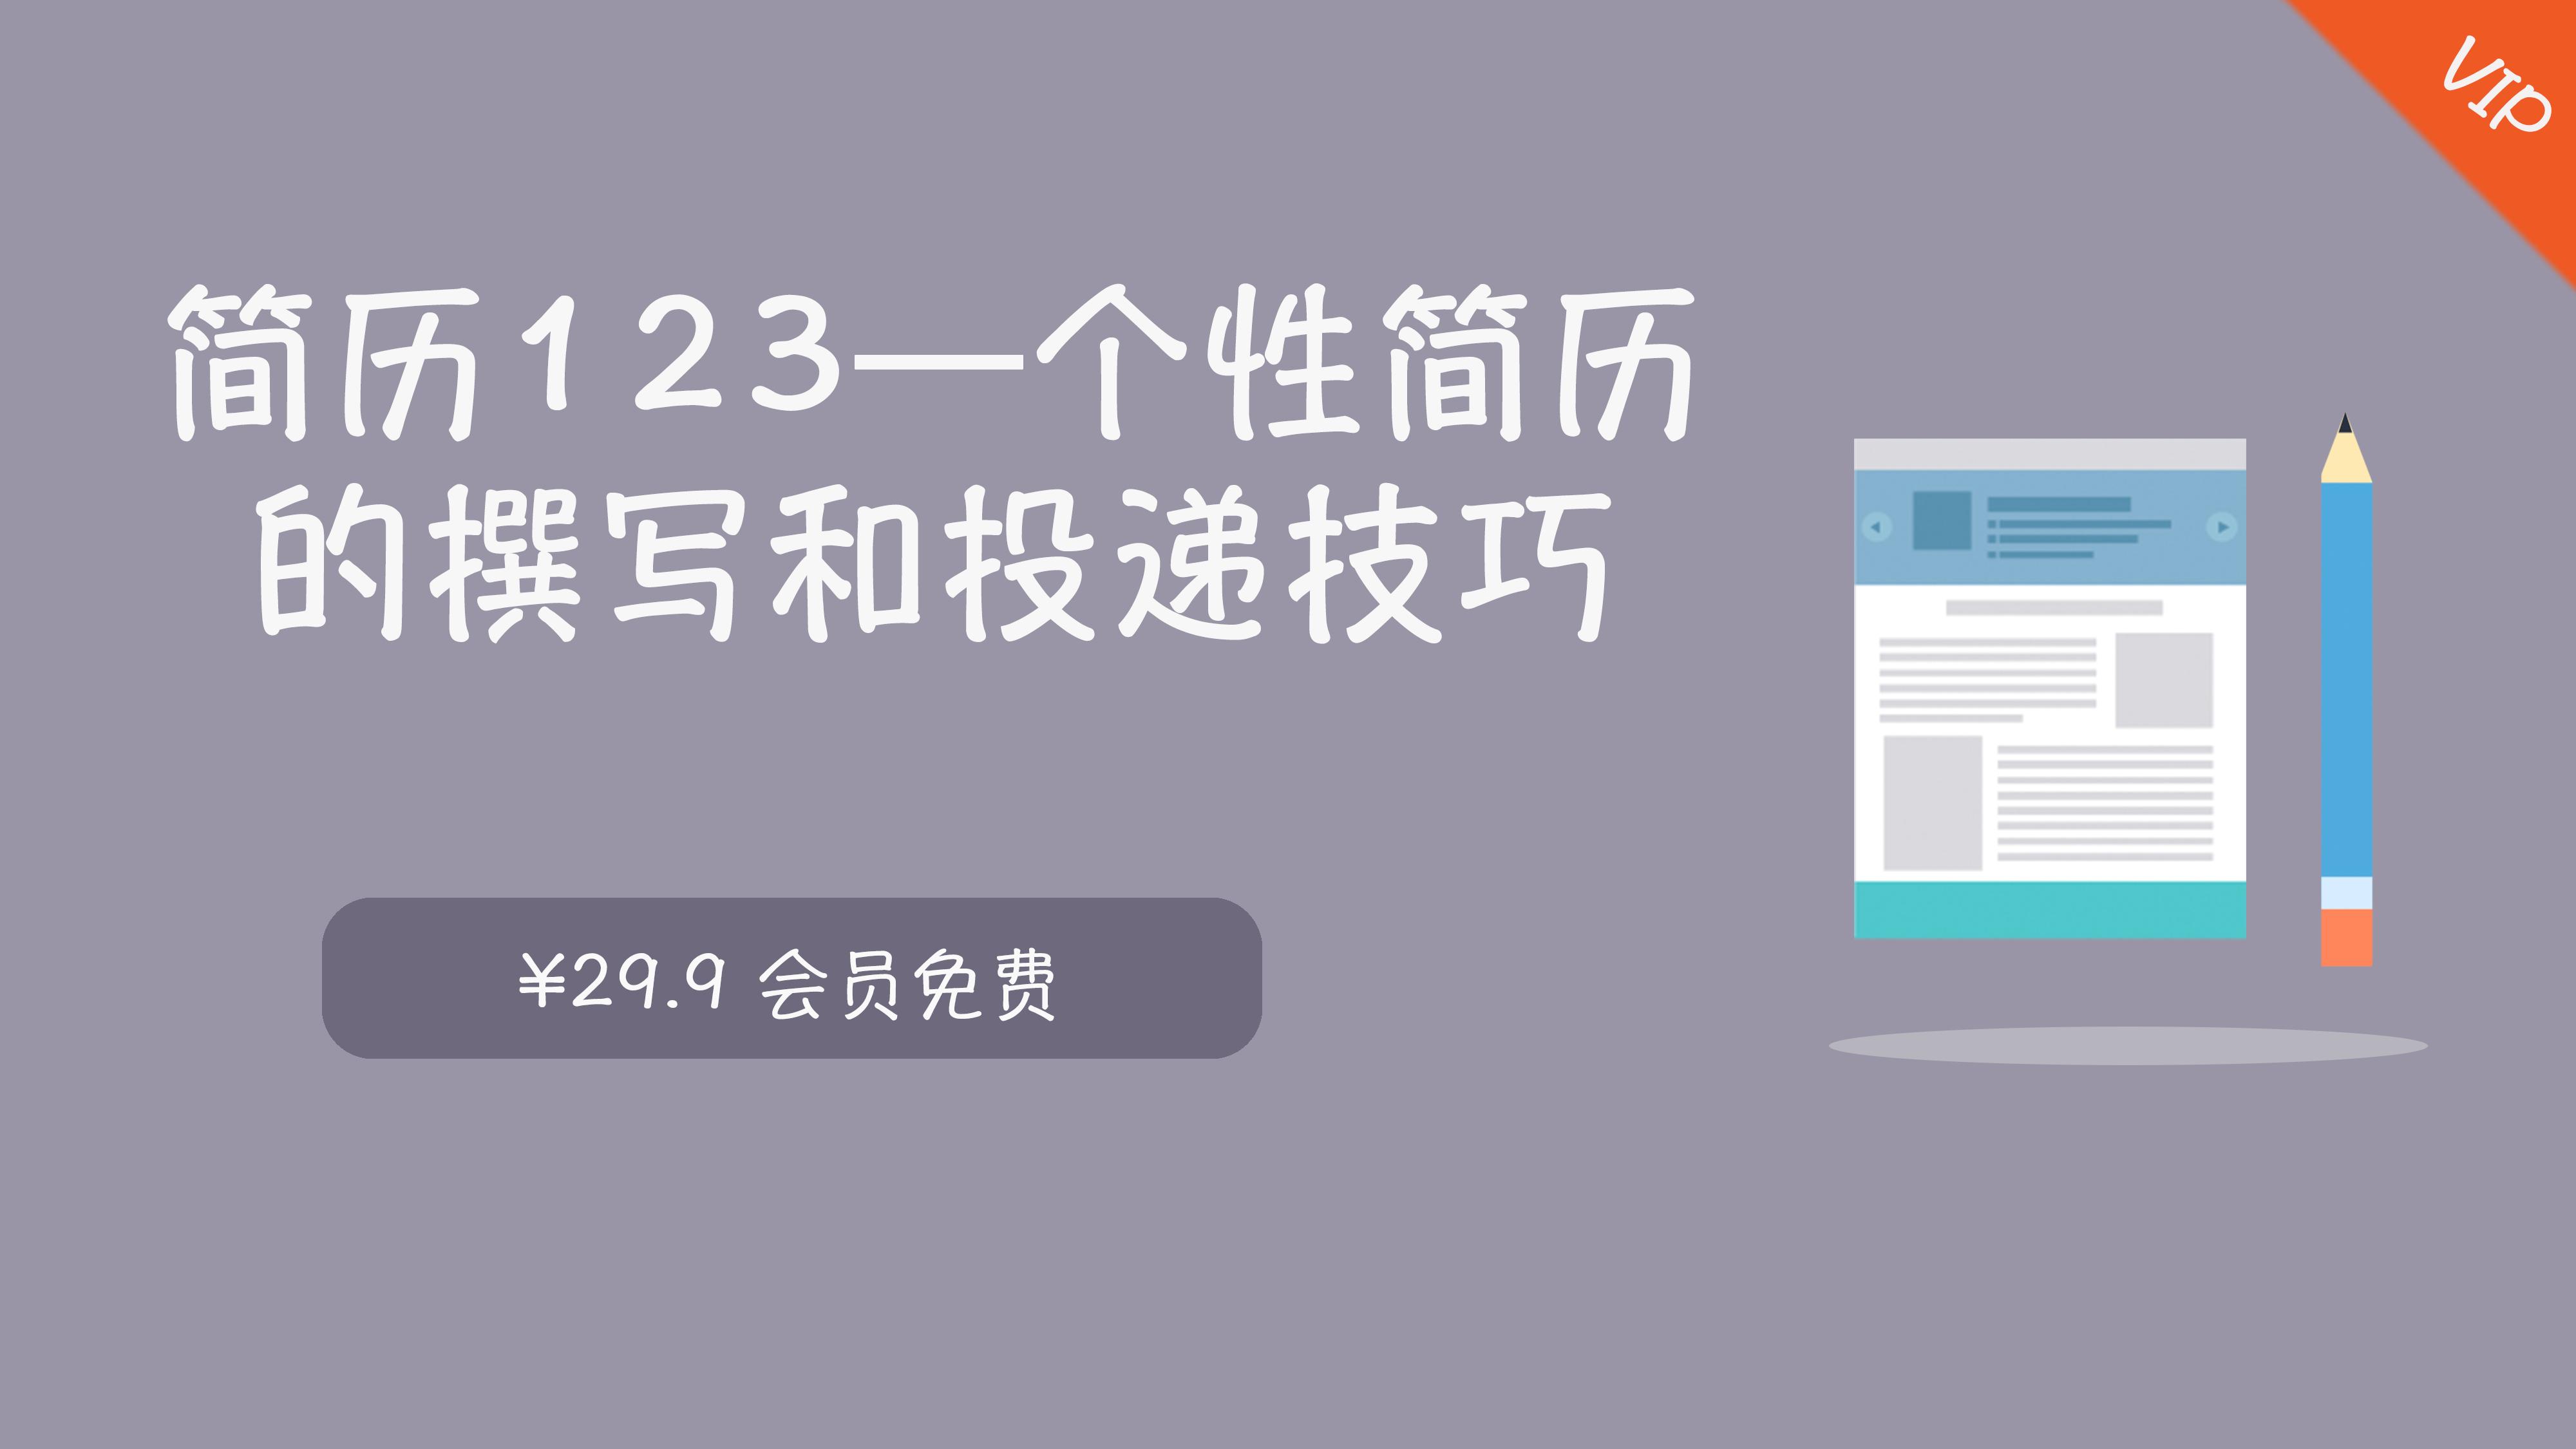 简历123——个性简历的撰写和投递技巧